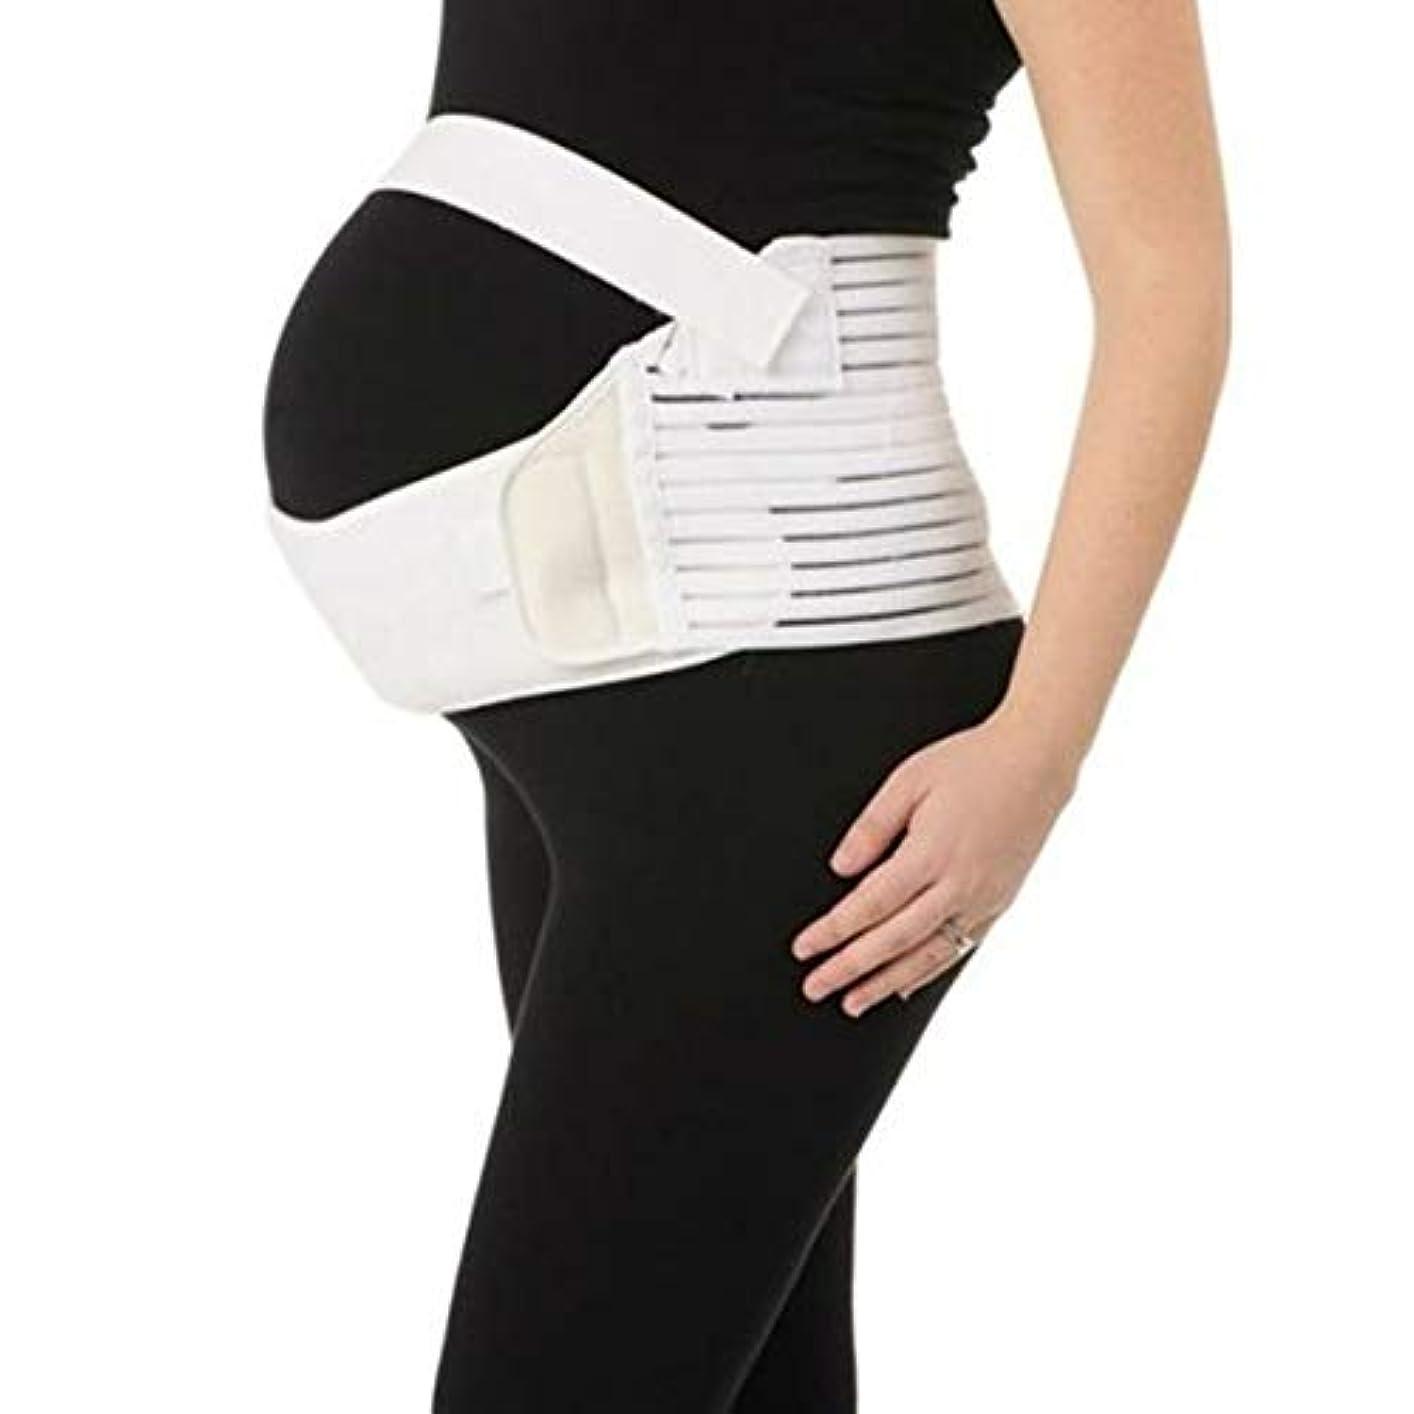 パン屋ジャンルスラダム通気性マタニティベルト妊娠腹部サポート腹部バインダーガードル運動包帯産後の回復shapewear - ホワイトL